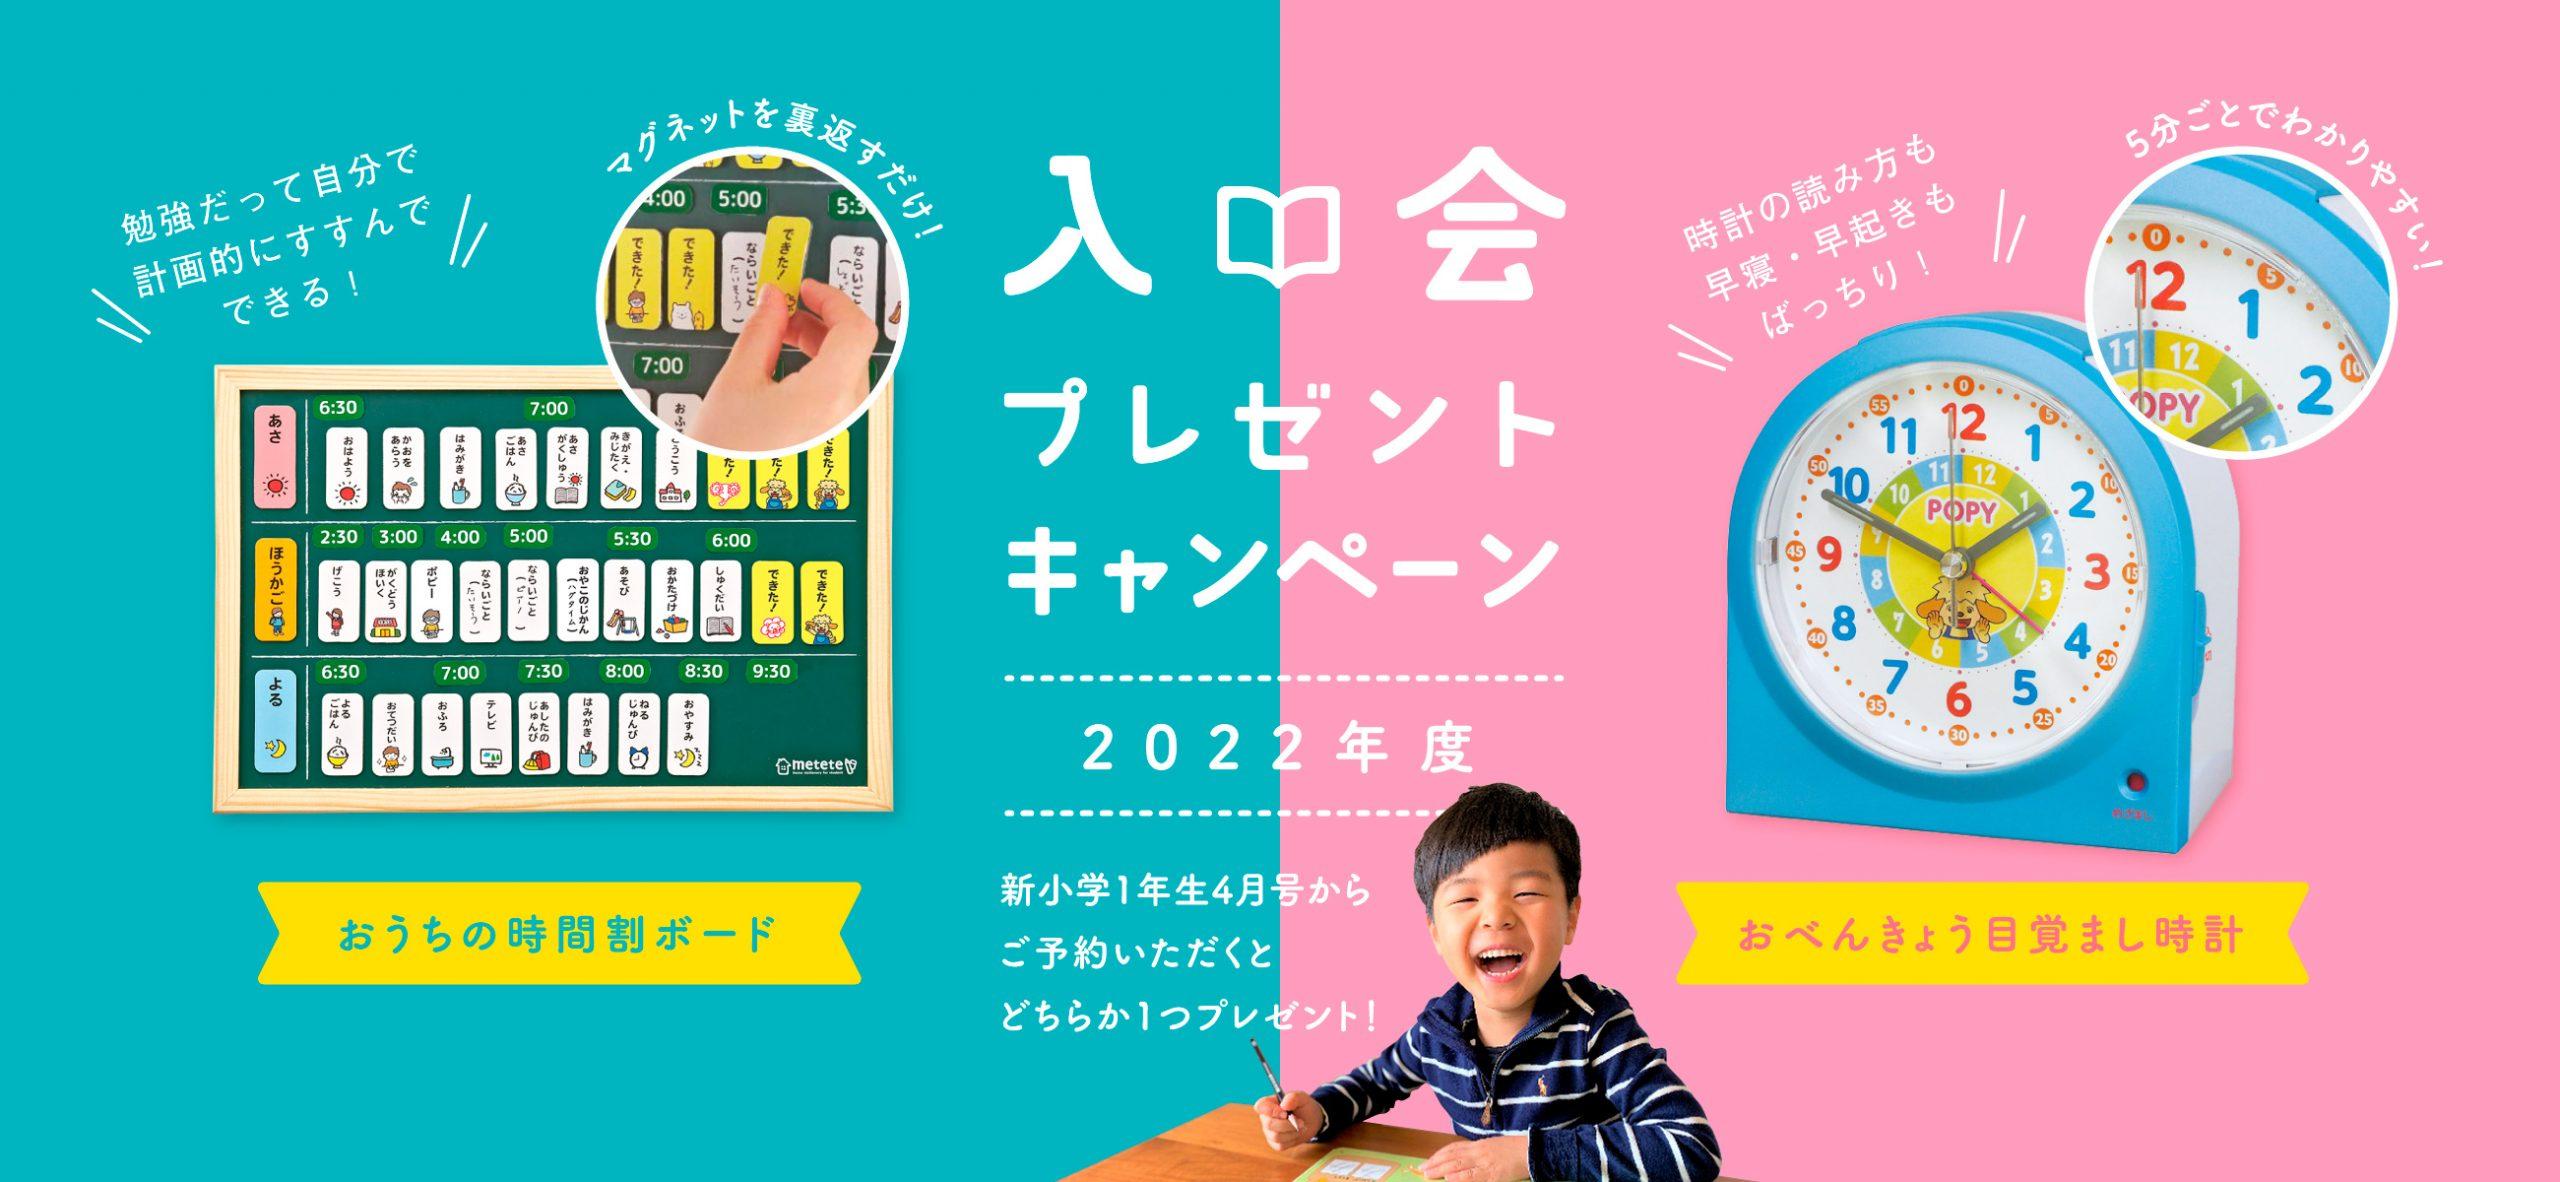 2022年度 入会プレゼントキャンペーン